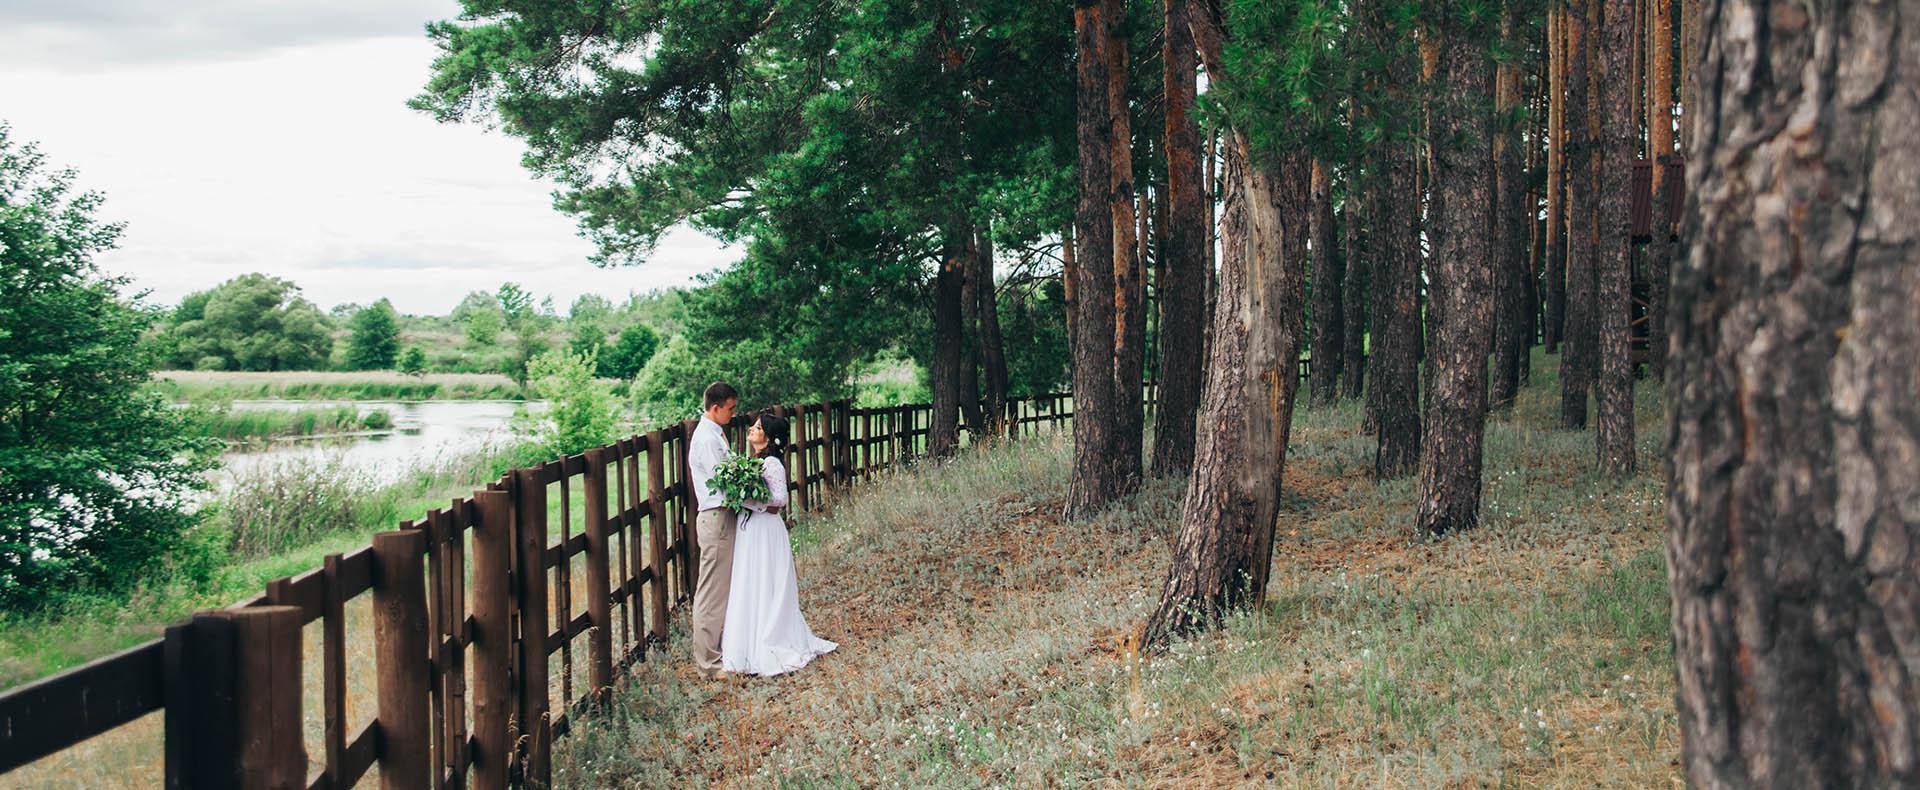 фотограф на свадьбу Тамбов